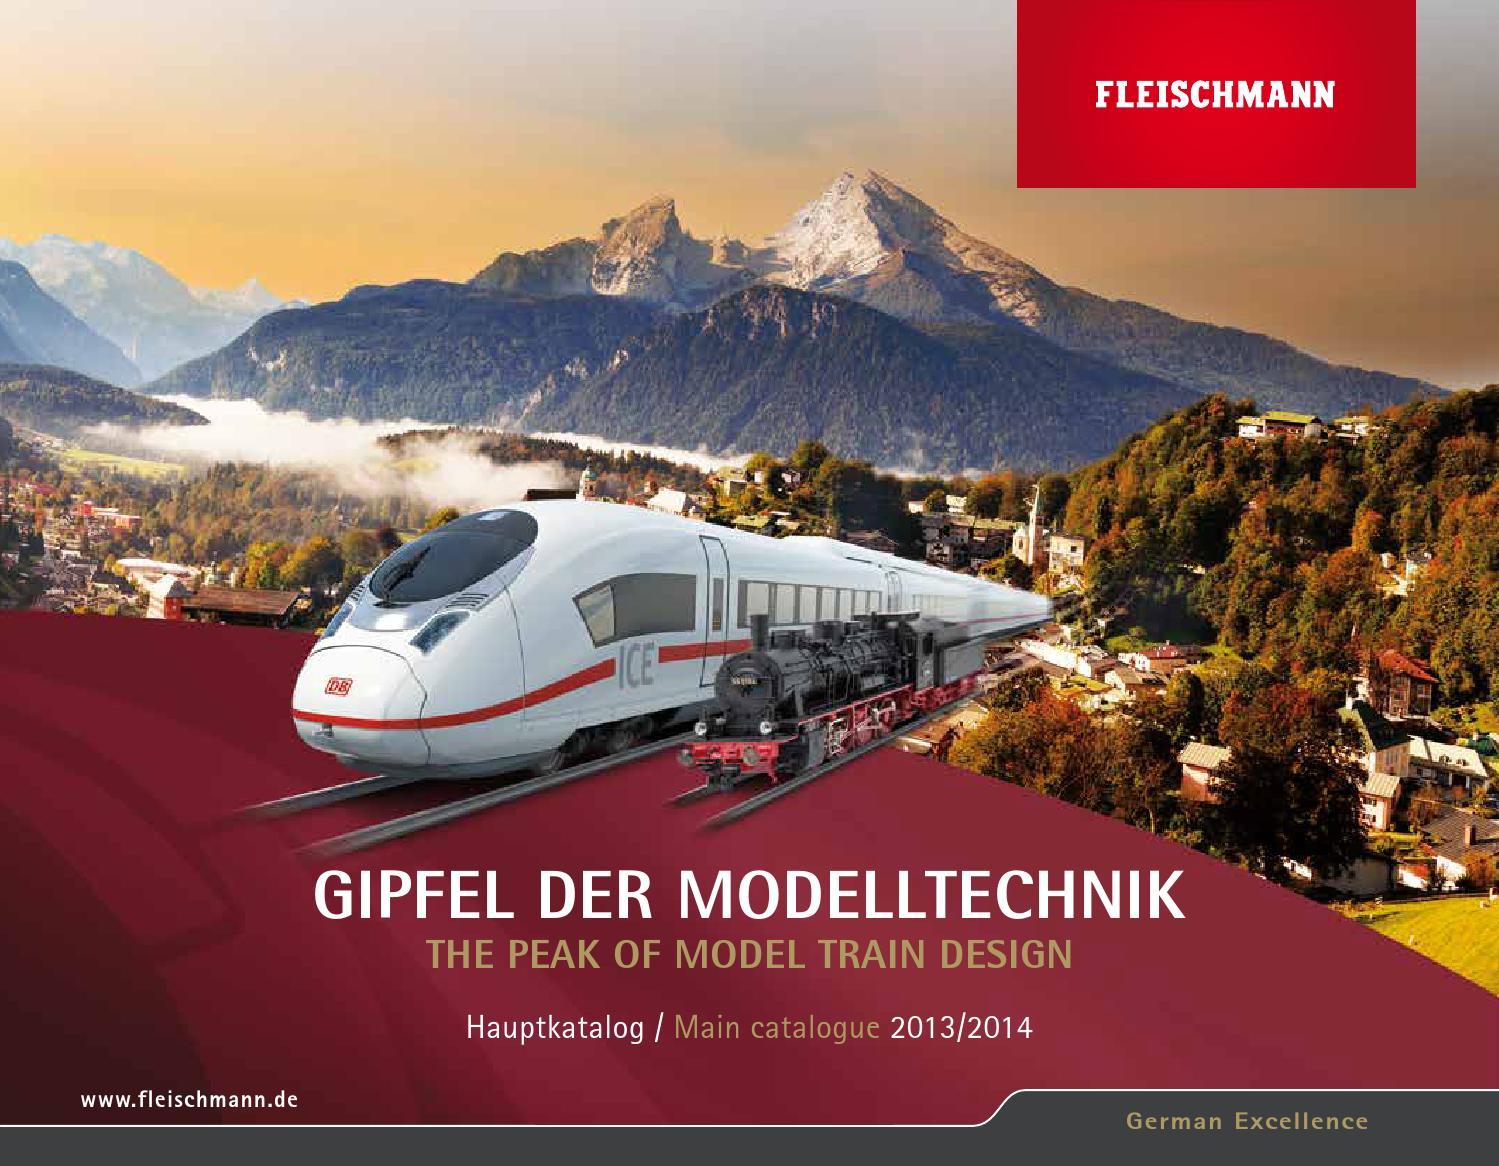 Fleischman 9414 ansteckbarer elektroantrieb per l/'hand-entkupplungsgleis 9114